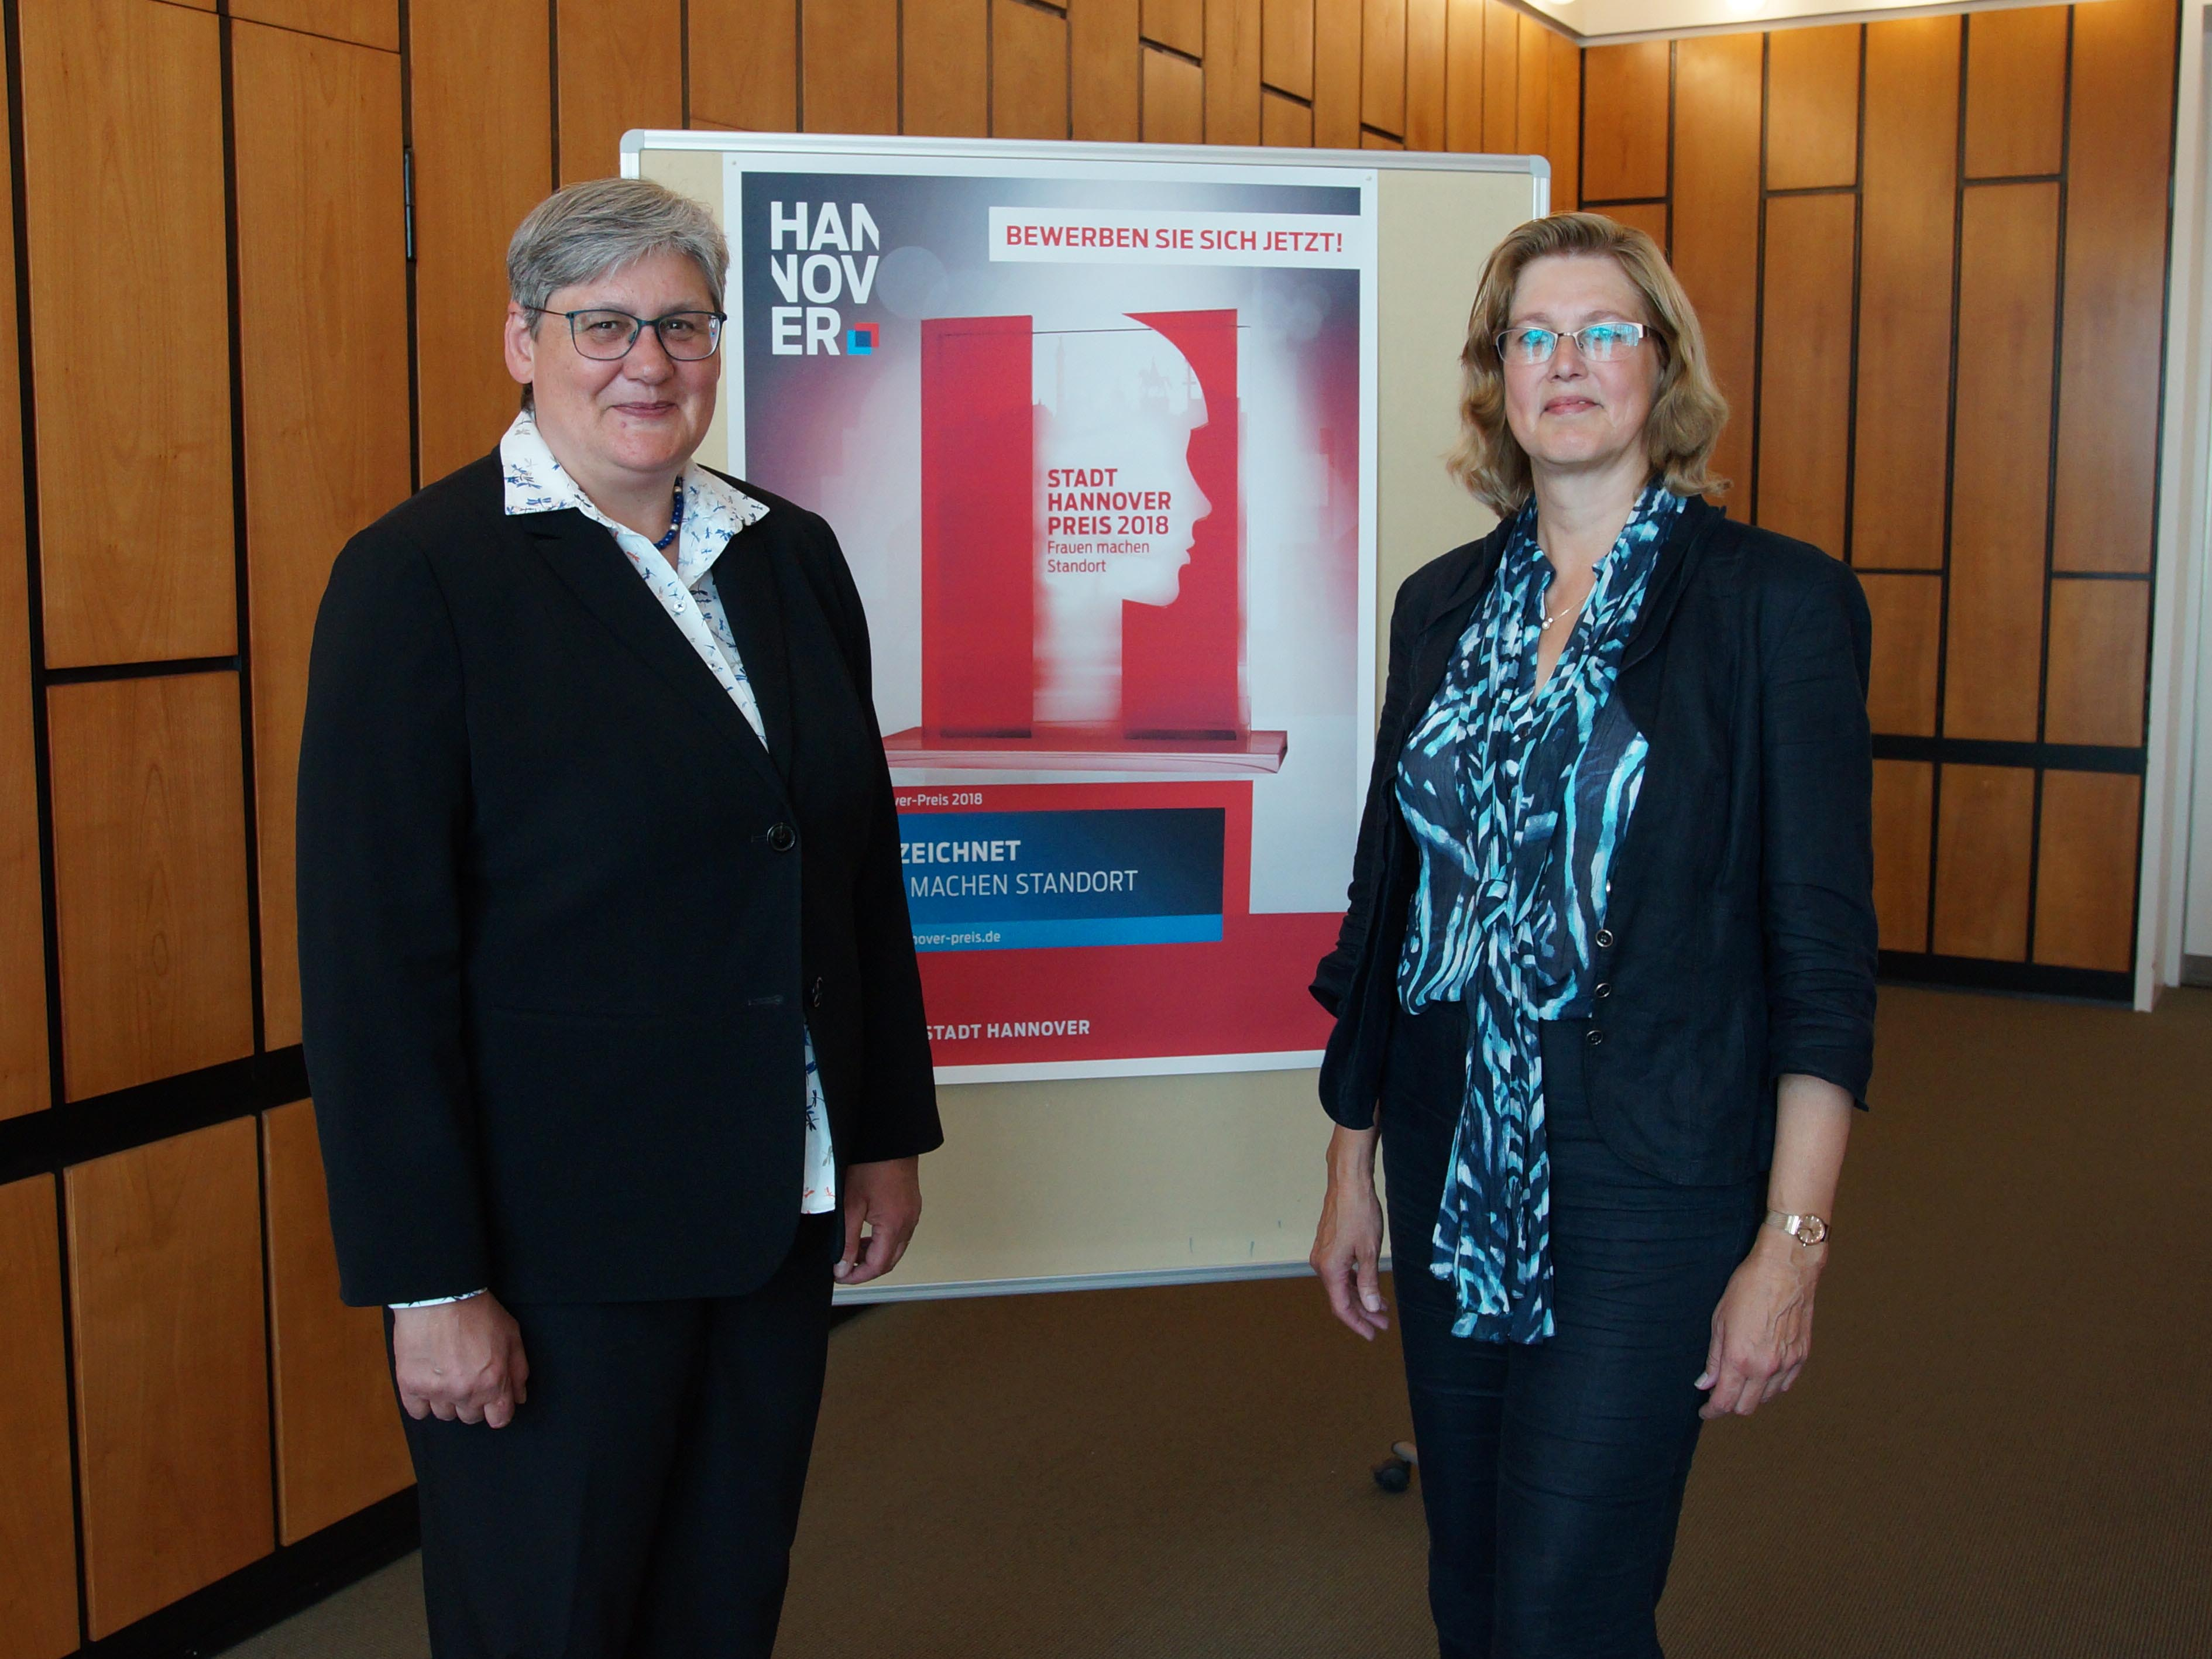 Zwei Frauen vor einem Plakat.